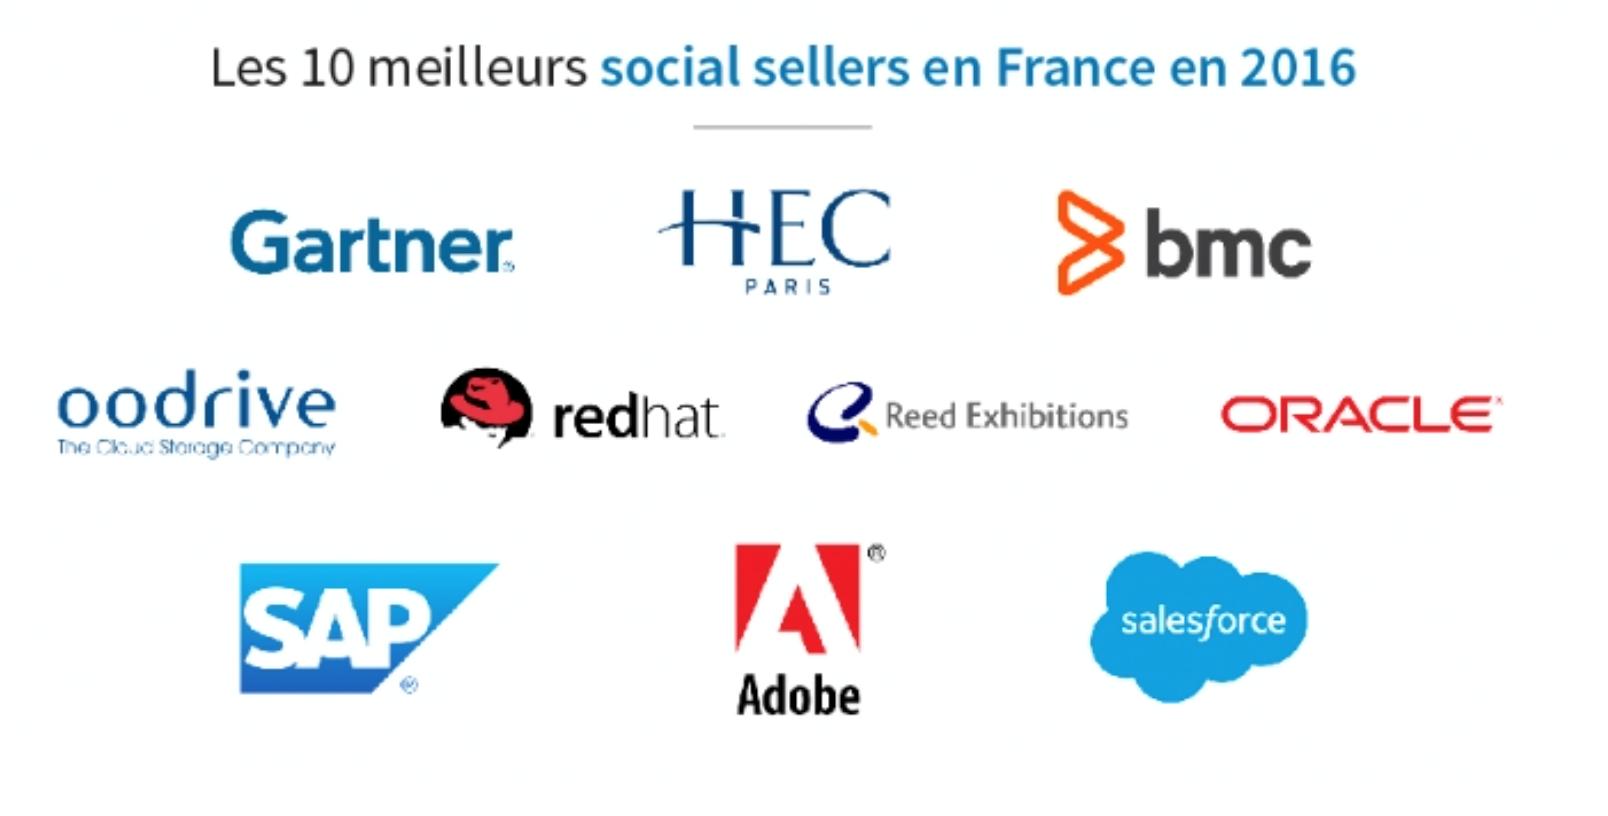 top 10 social sellers france